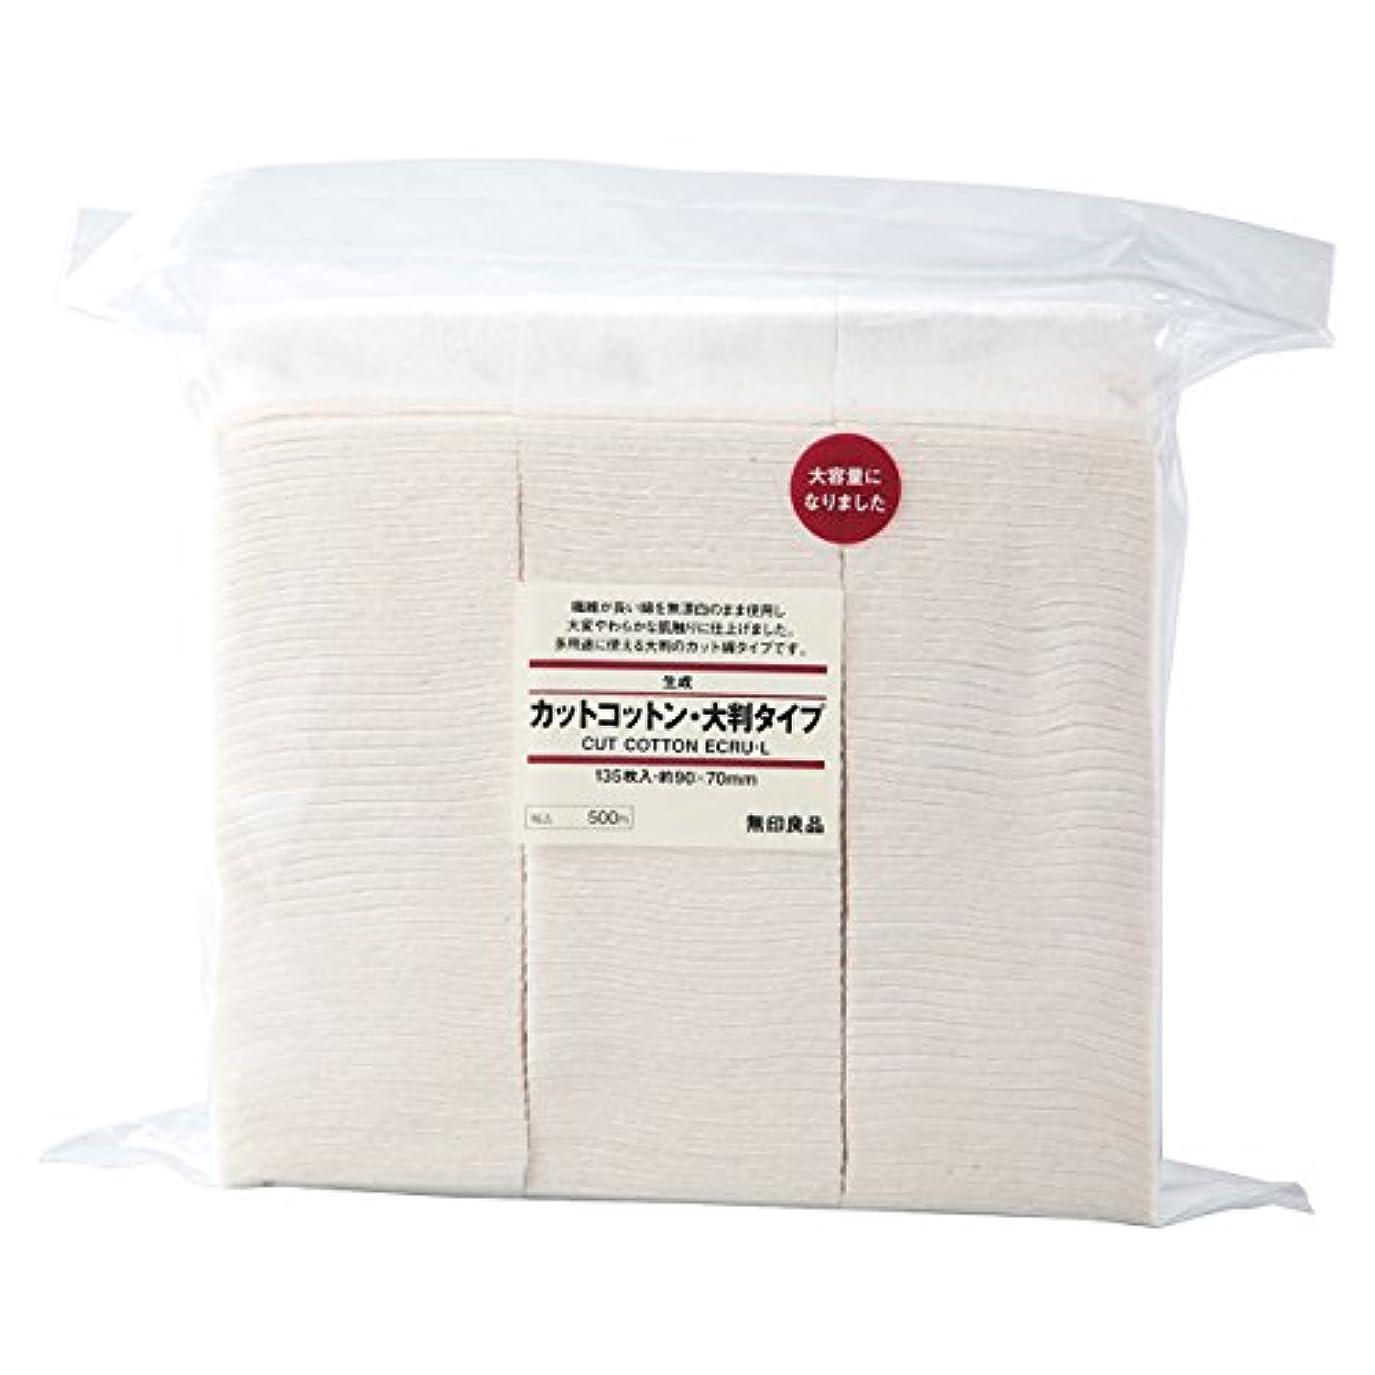 チーズアシスタント打倒無印良品 生成カットコットン?大判タイプ (新)135枚入?約90x70mm 日本製